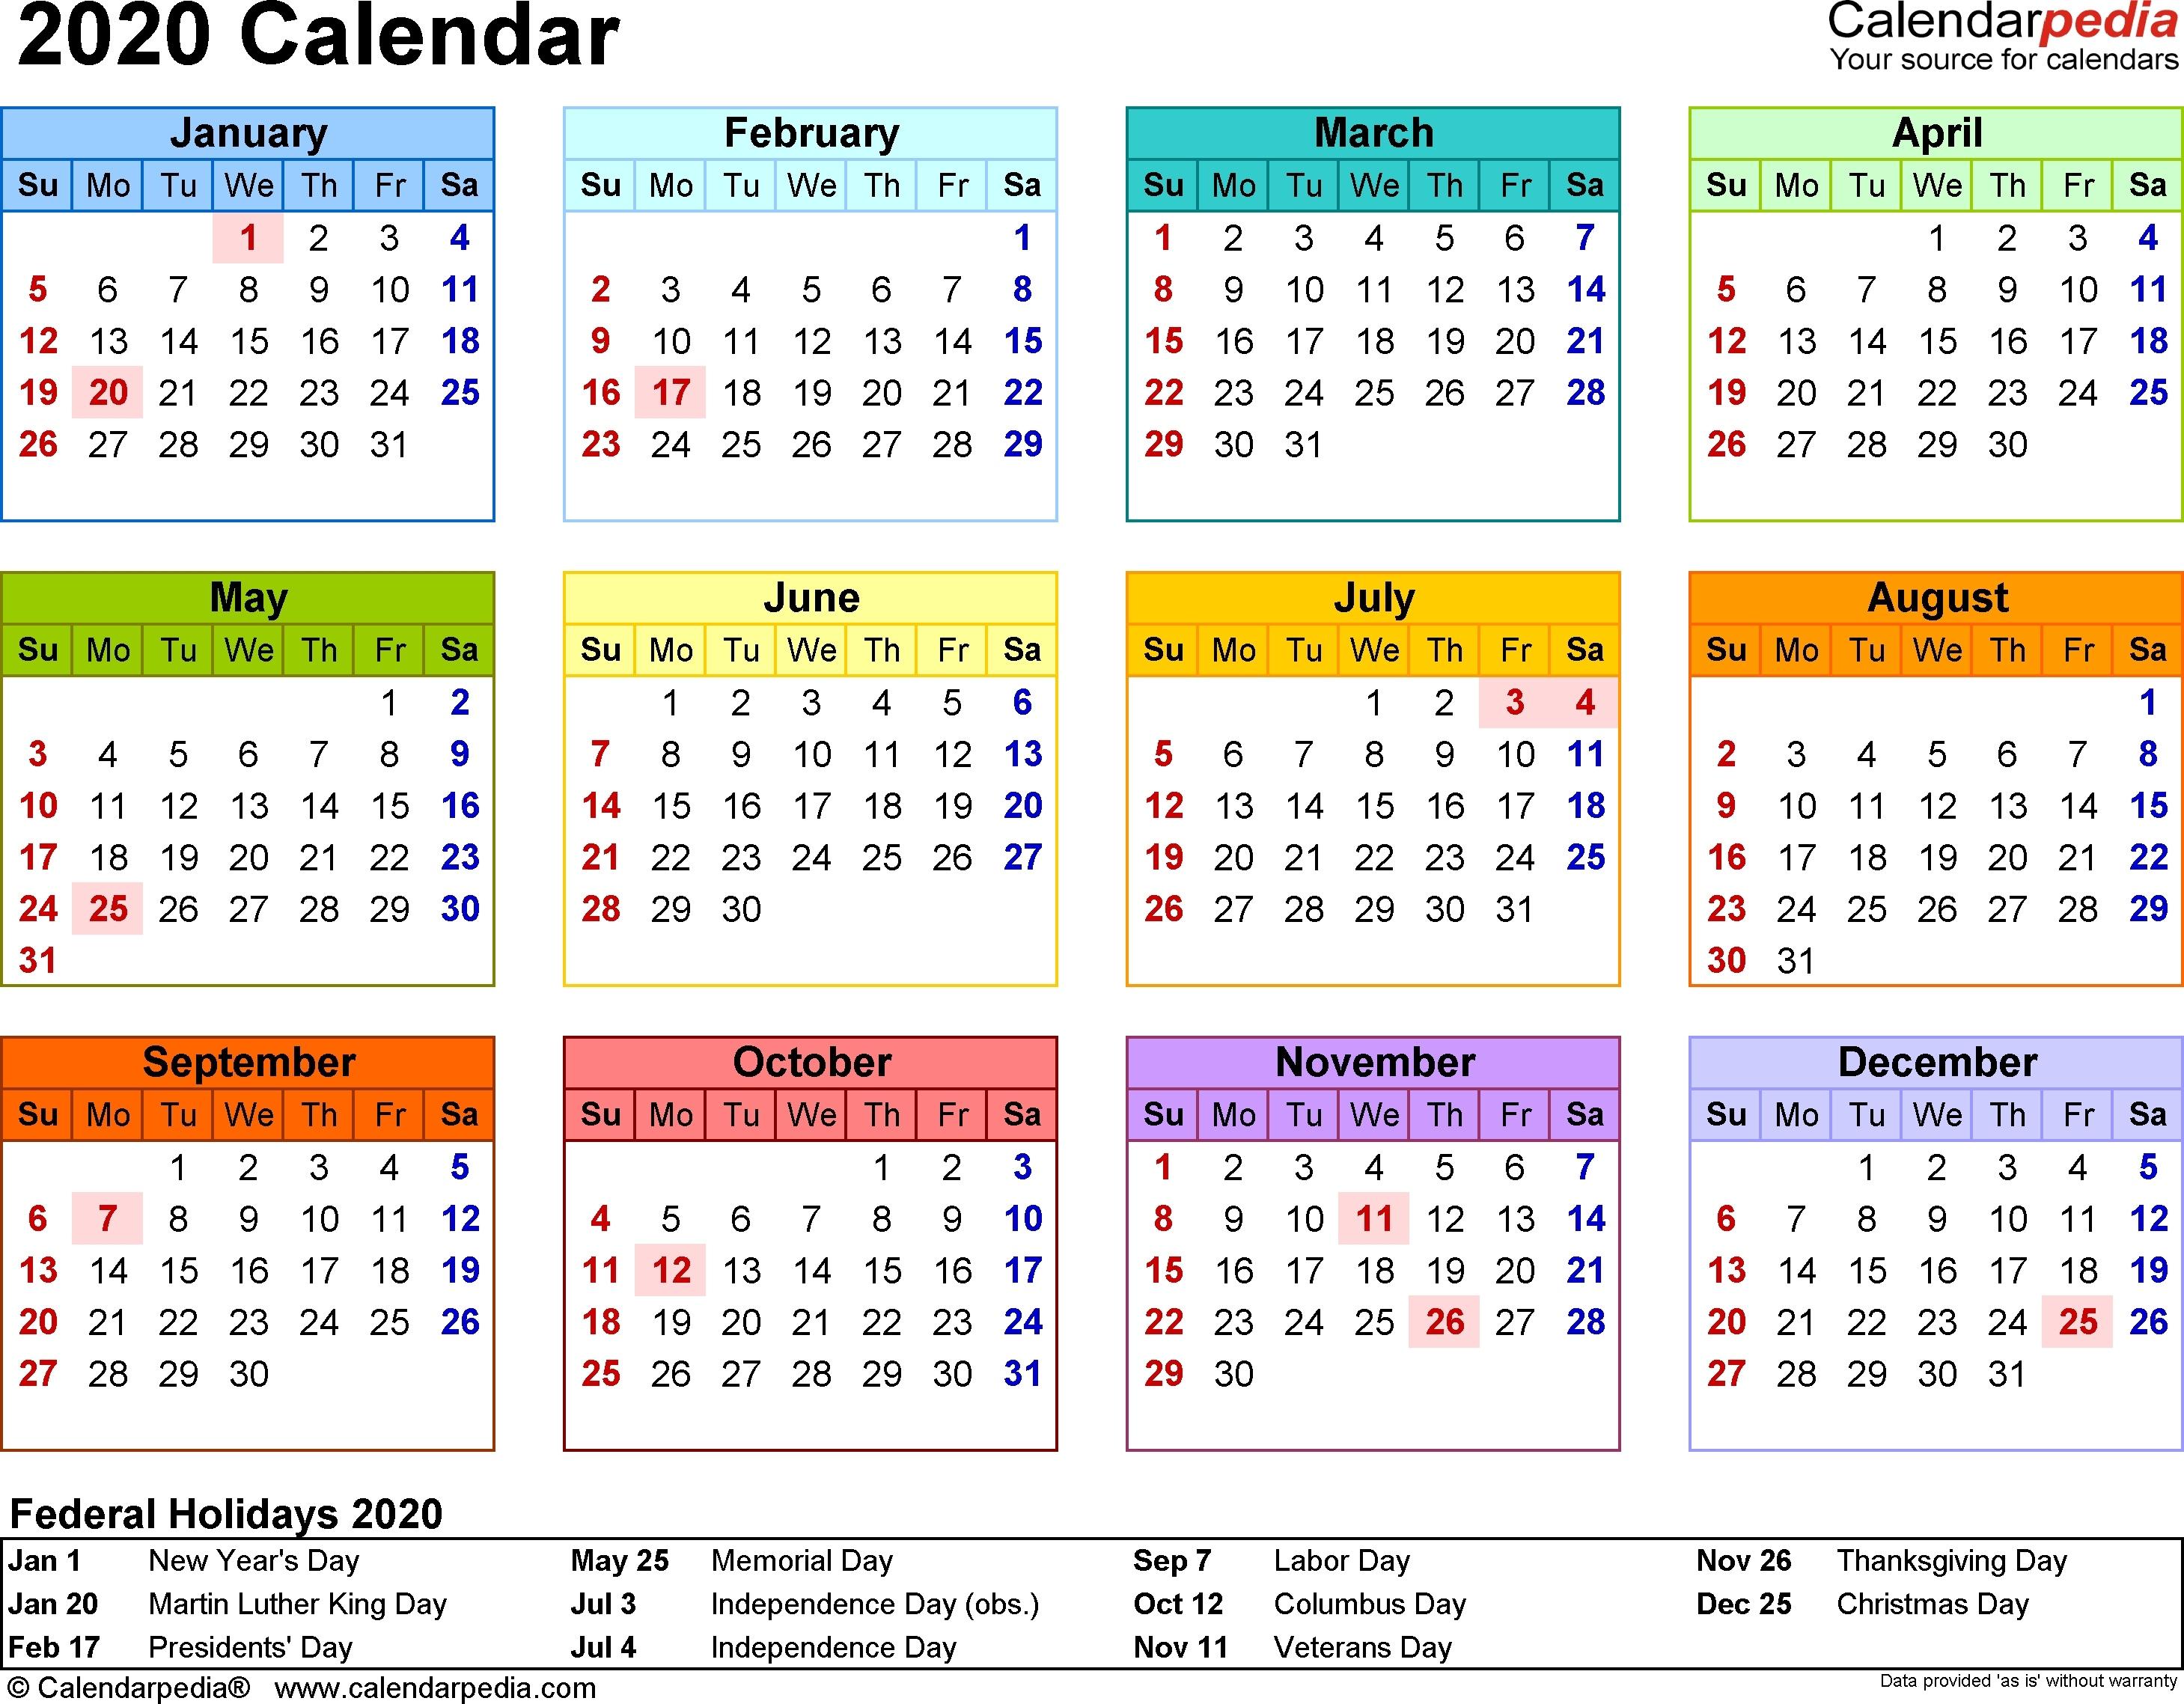 2020 Hong Kong Calendar Excel   Calendar For Planning Hong Kong Calendar 2021 Template